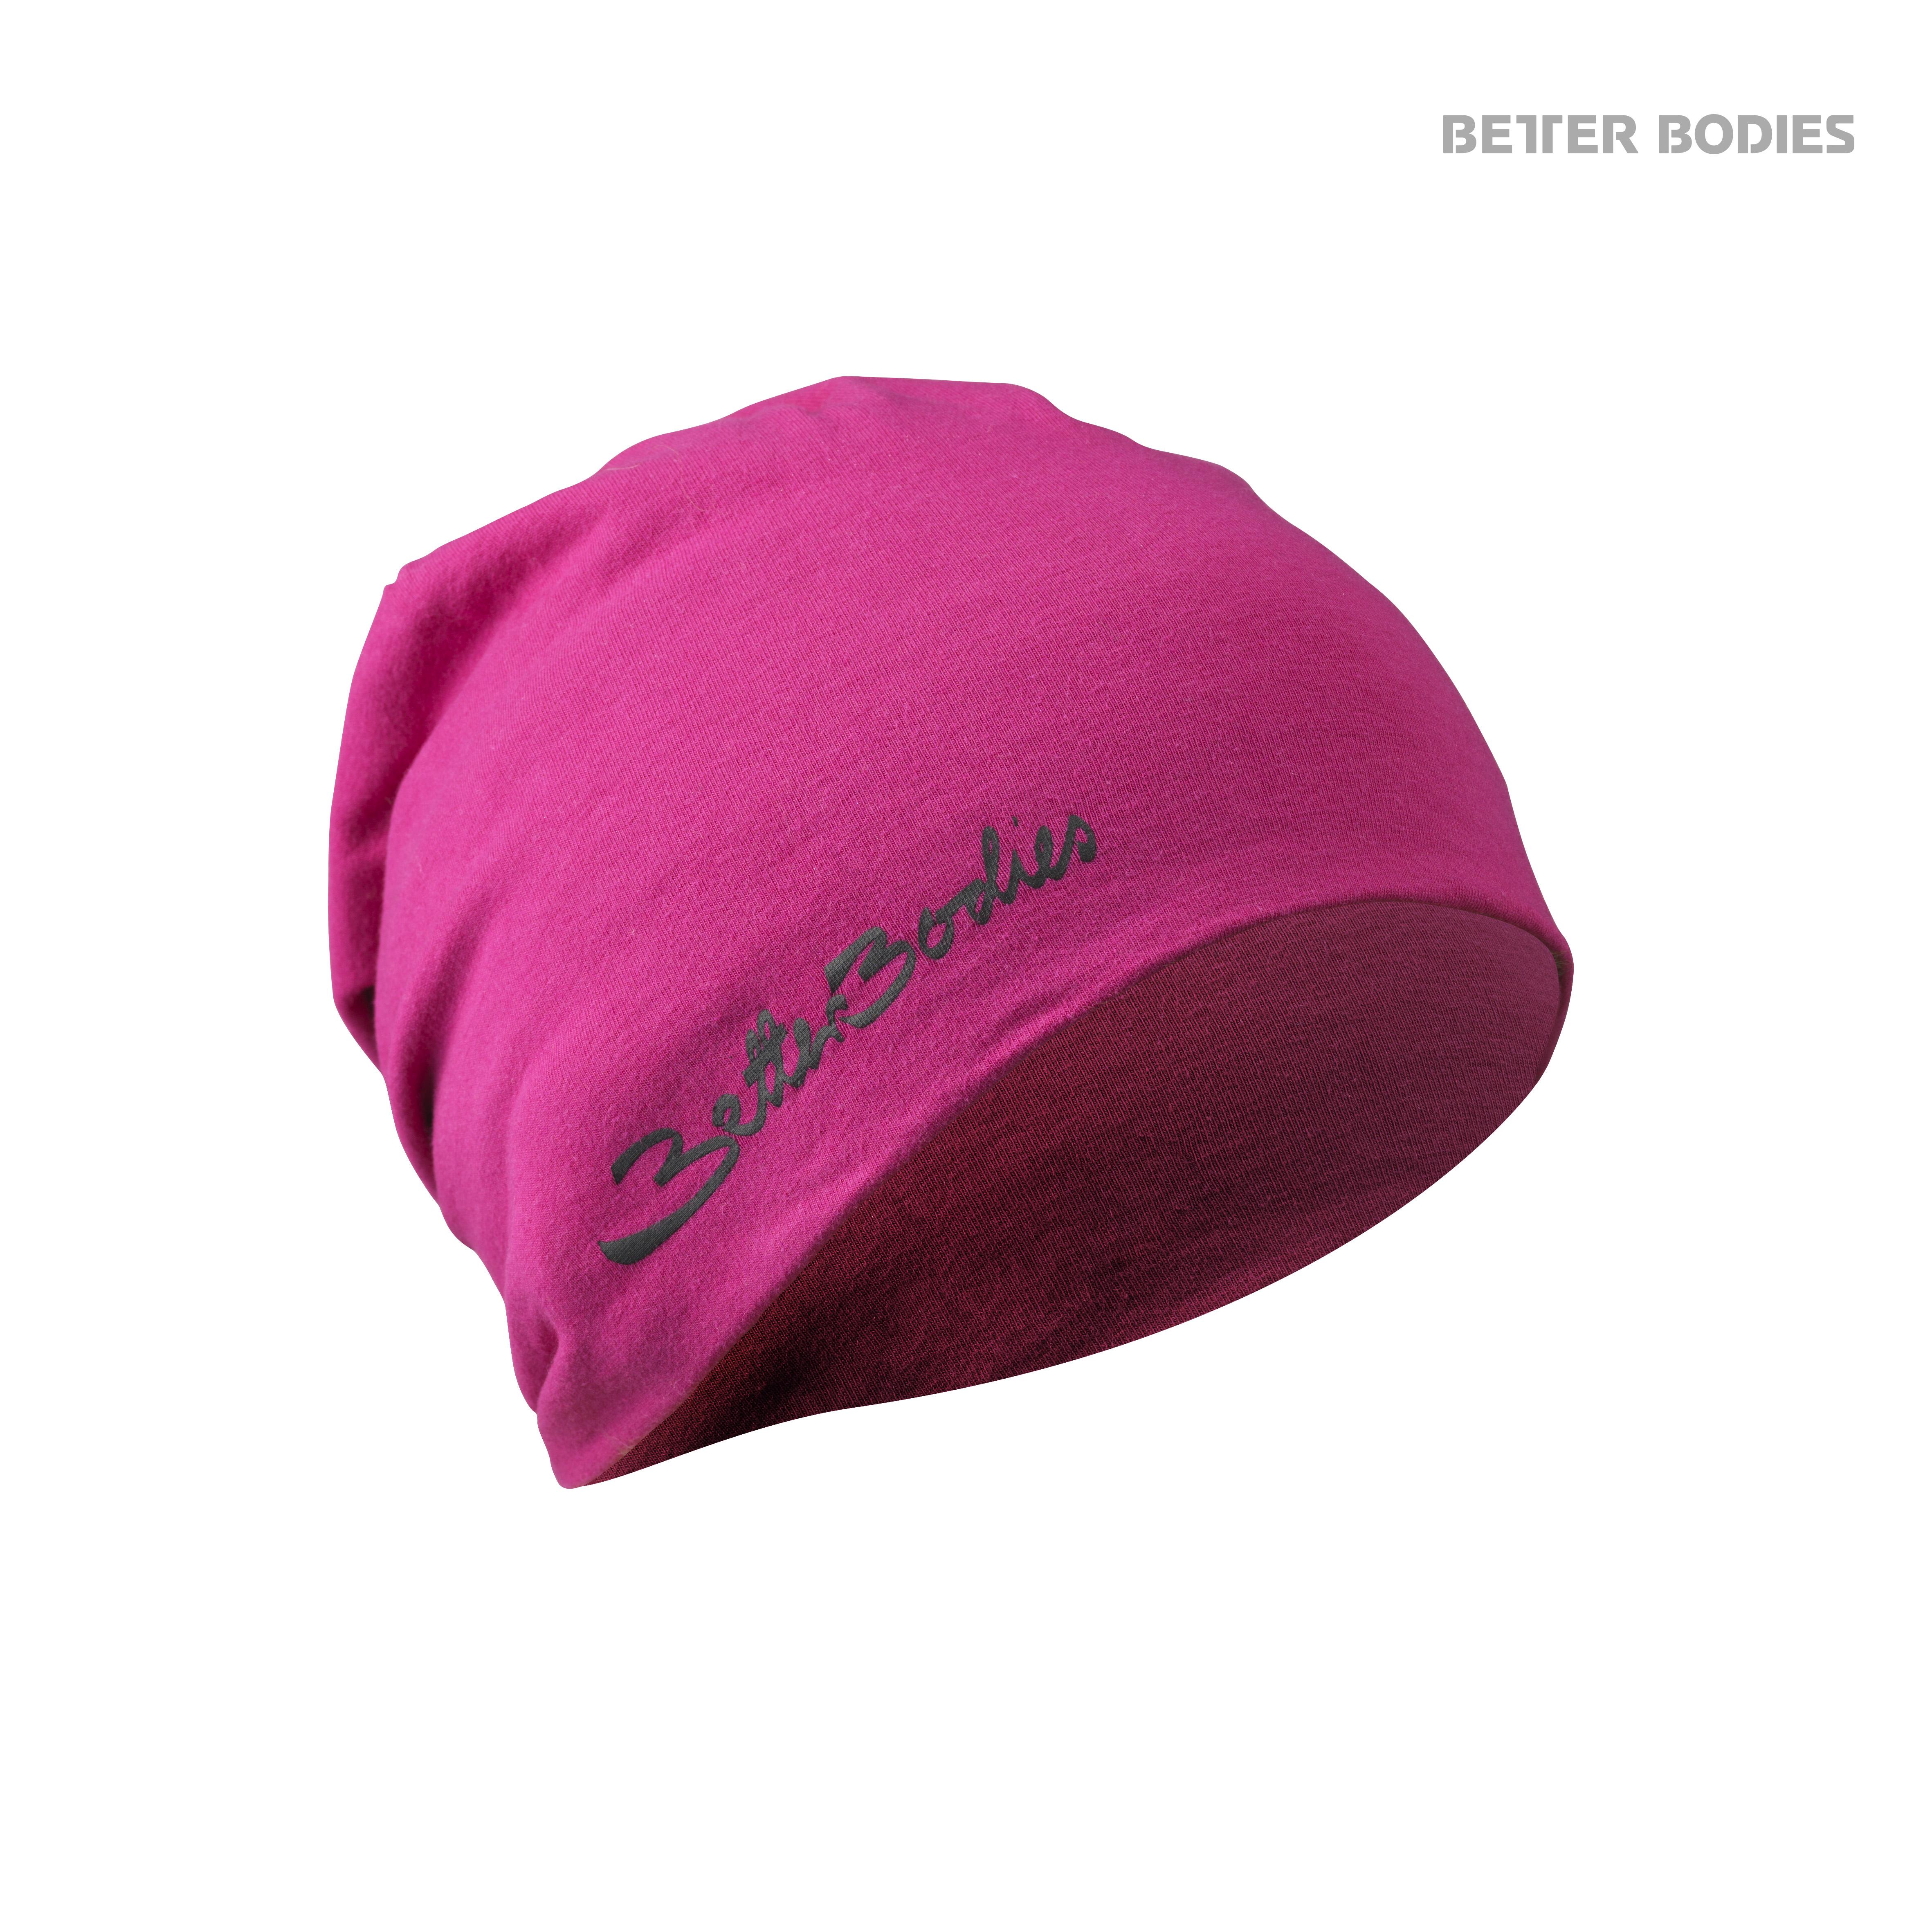 c0dc0caa23a Better Bodies WOMENS BEANIE HOT PINK – čepice Better Bodies růžová